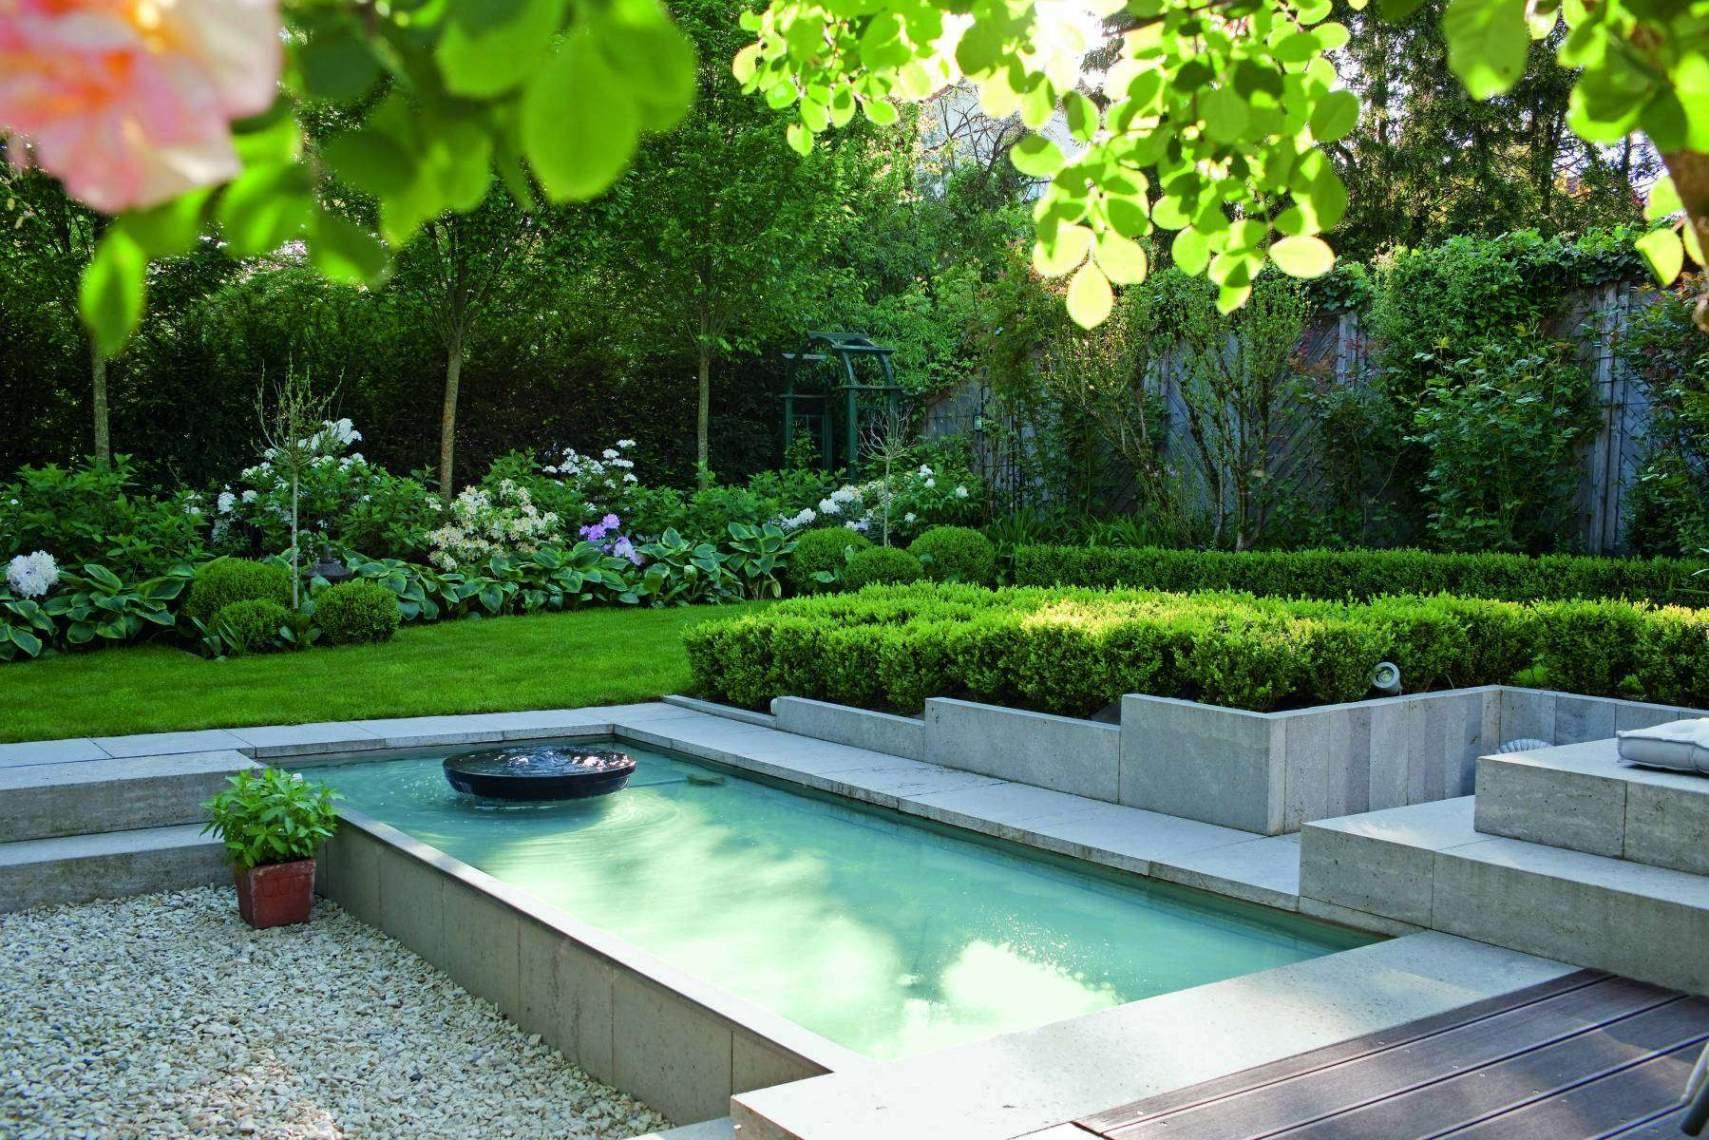 Gartengestaltung Für Kleine Gärten Inspirierend Gartengestaltung Kleine Gärten — Temobardz Home Blog